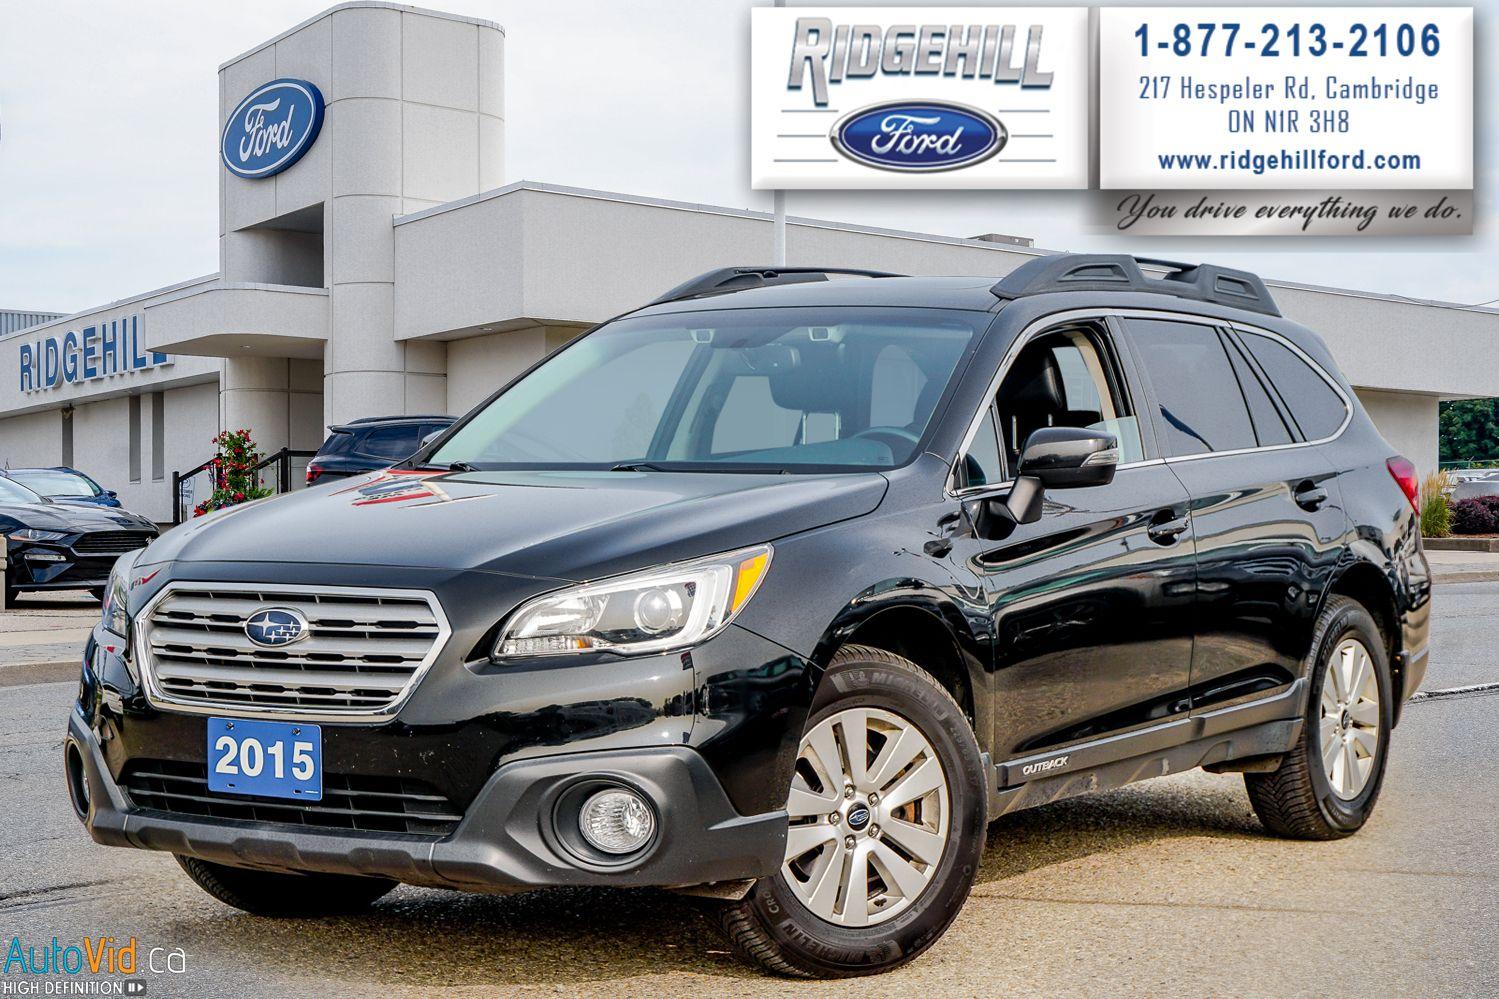 2015 Subaru Outback Image